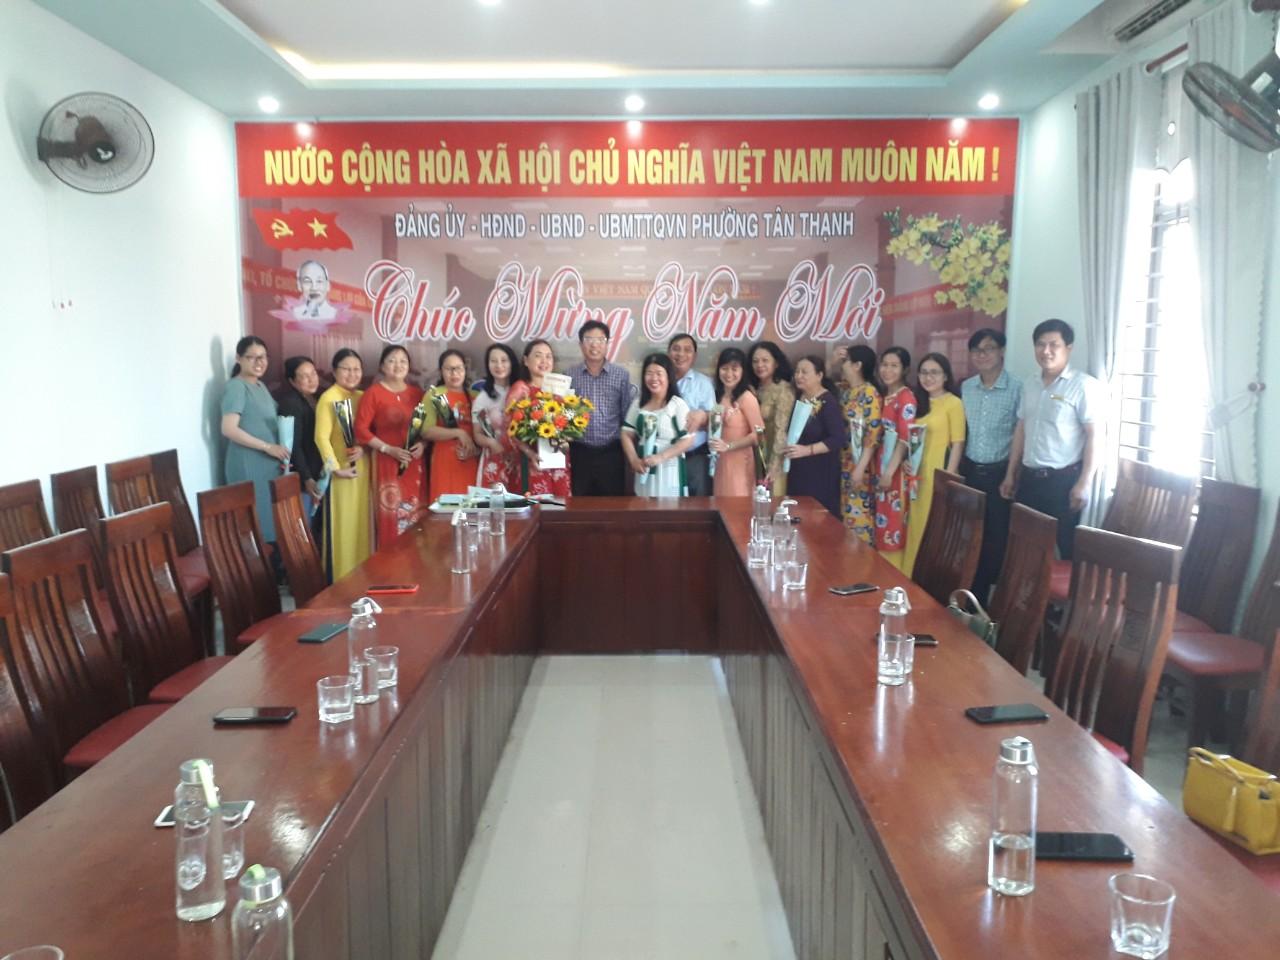 Công đoàn phối hợp với UBND tổ chức các hoạt động Ngày Quốc tế Phụ nữ (08/3).